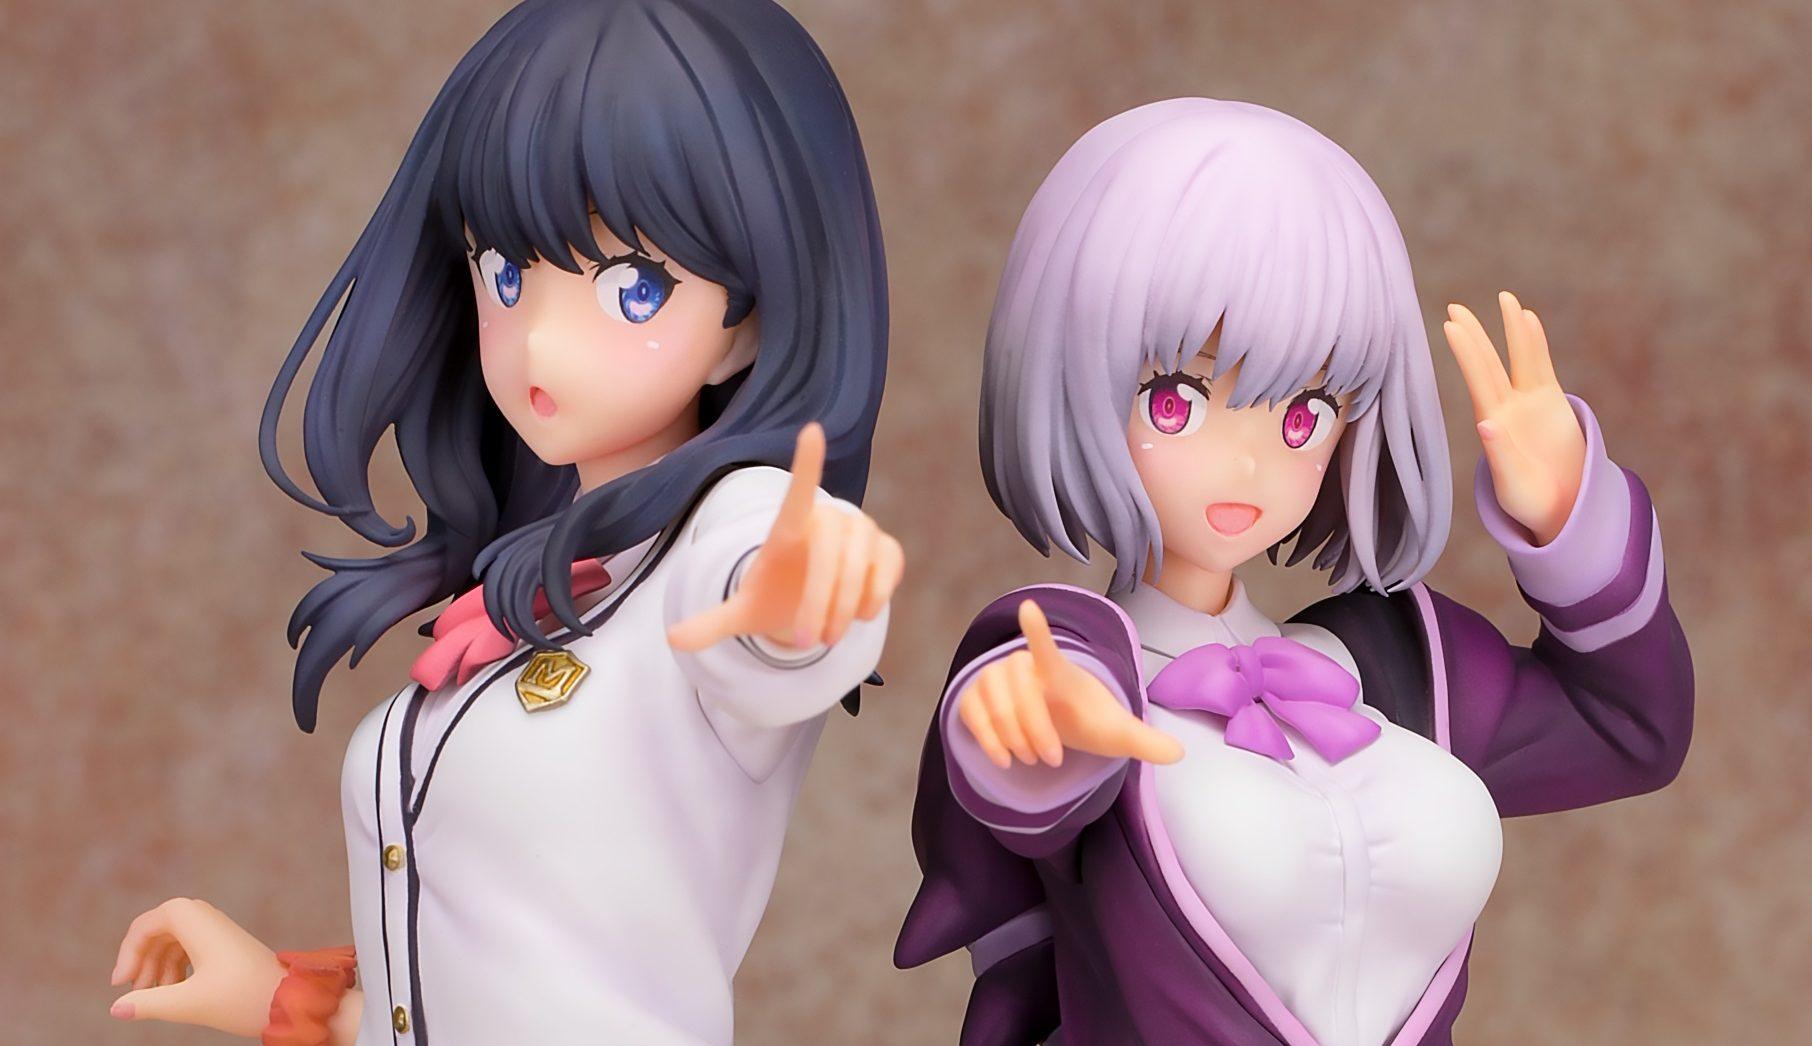 Rikka Takarada and Akane Shinjo